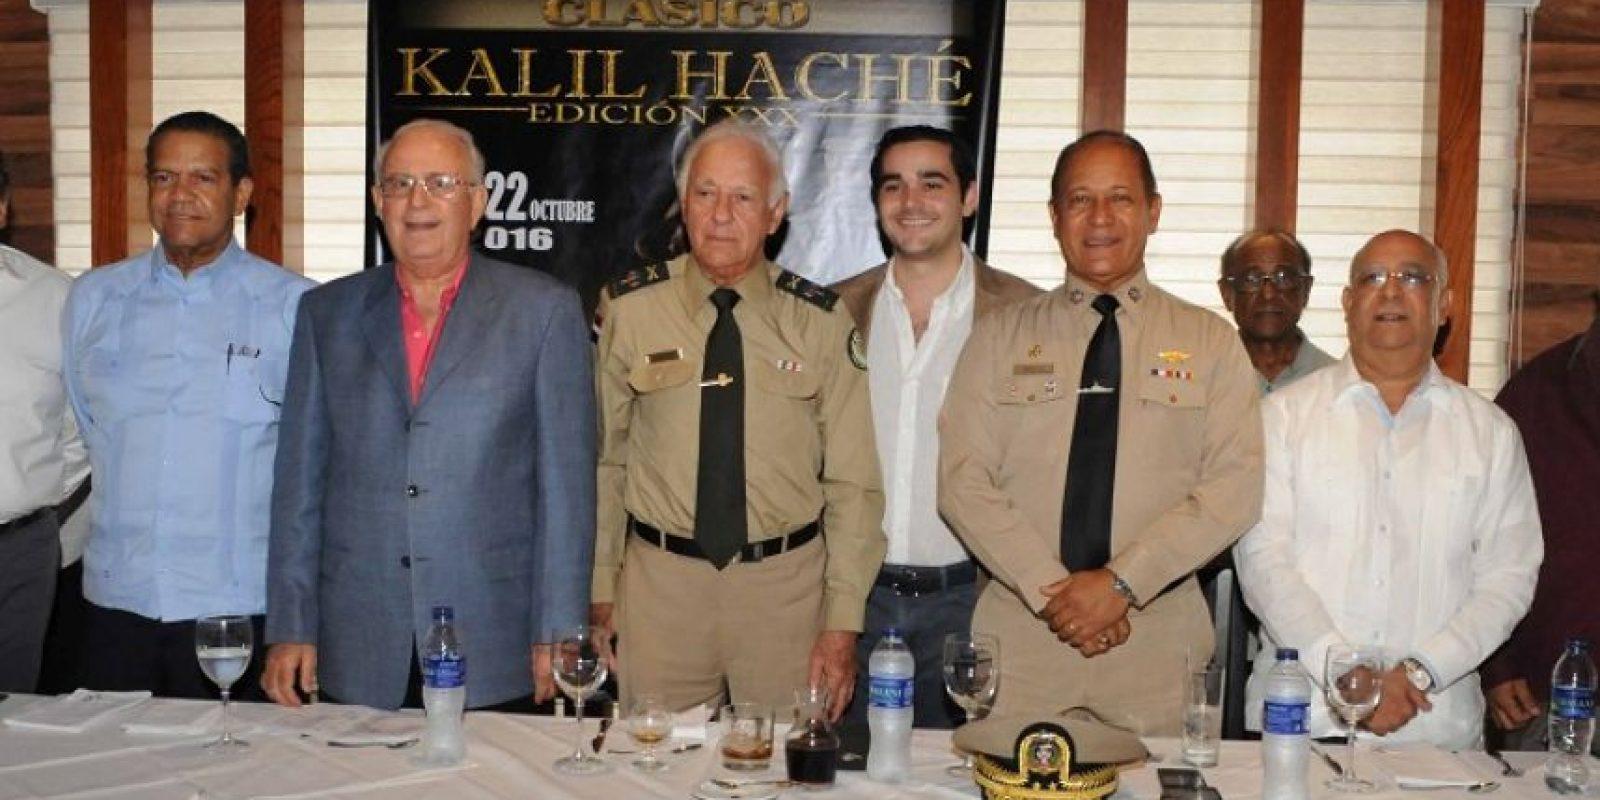 Kalil l Hache, junto a Manfred Codik, Oquendo Medina, Angel Contreras, Jacinto Díaz Hache y el vice almirante Juan Ramón Soto de la Rosa en la rueda de prensa. Foto:Fuente externa